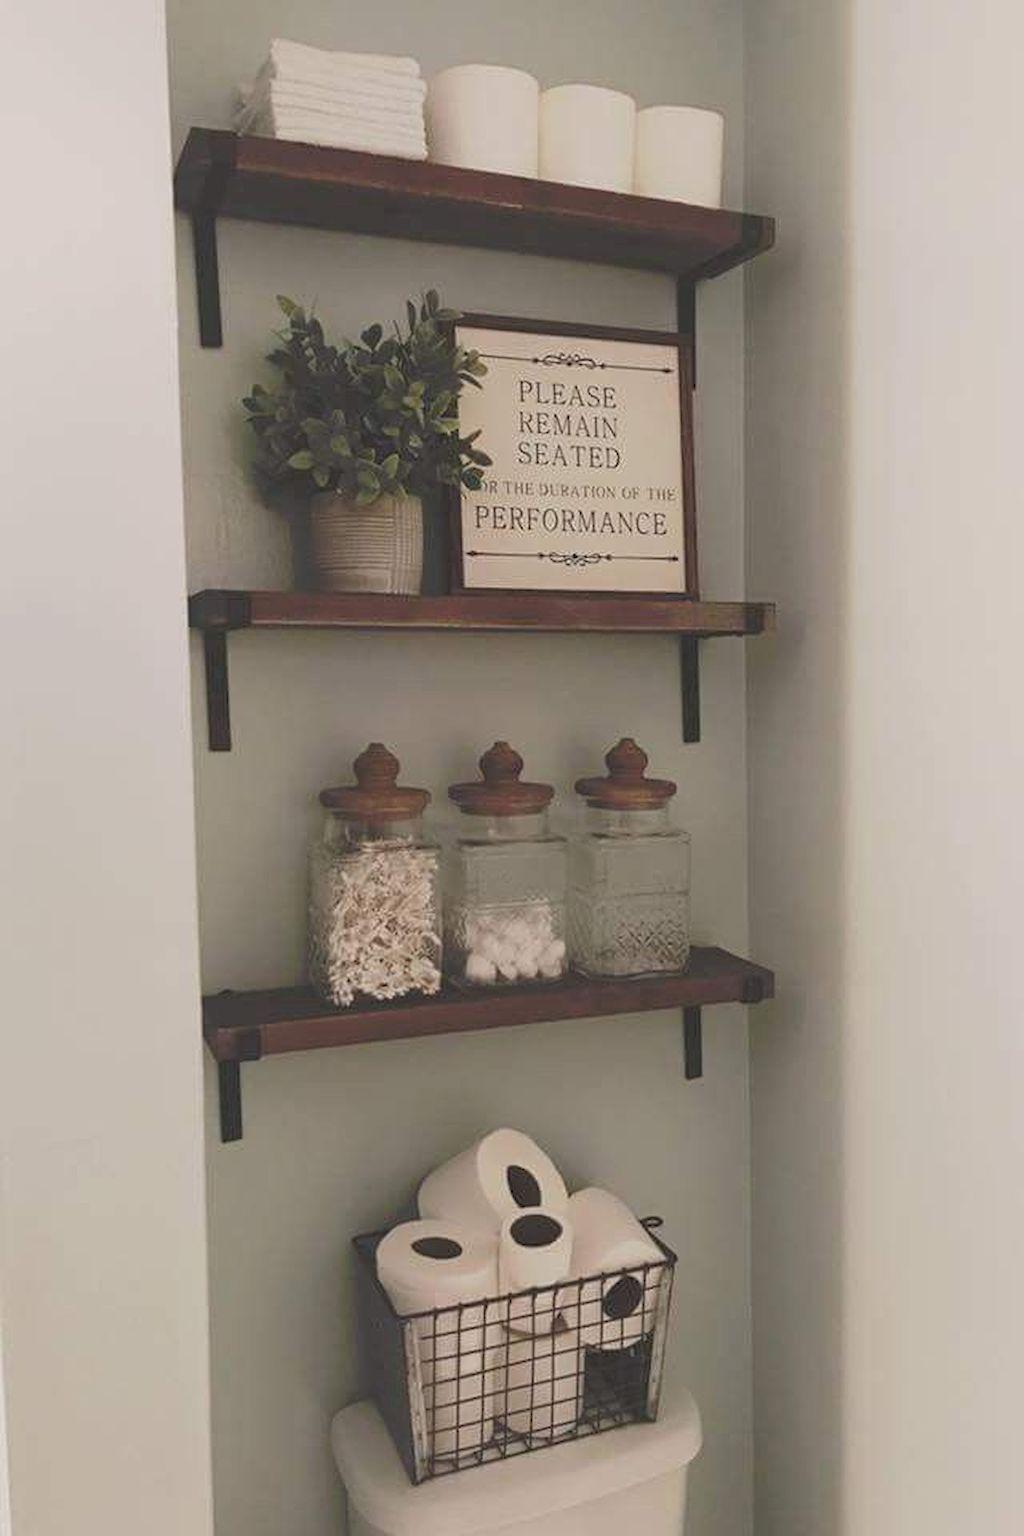 Badezimmer dekor in hobby lobby  diy farmhouse bathroom storage ideas  home decor and home